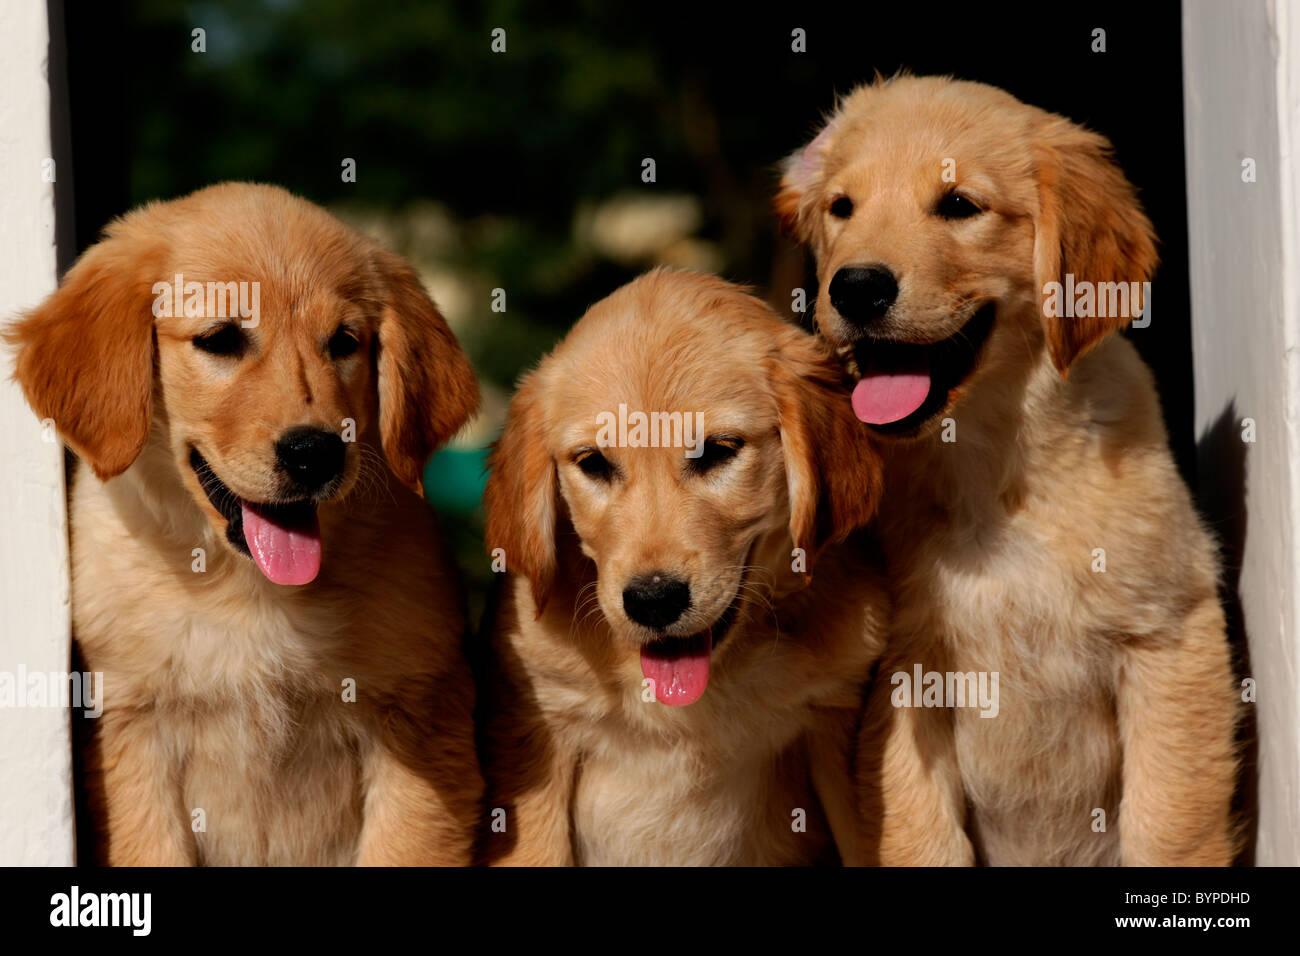 Small Golden Retriever Puppies Stock Photos & Small Golden Retriever